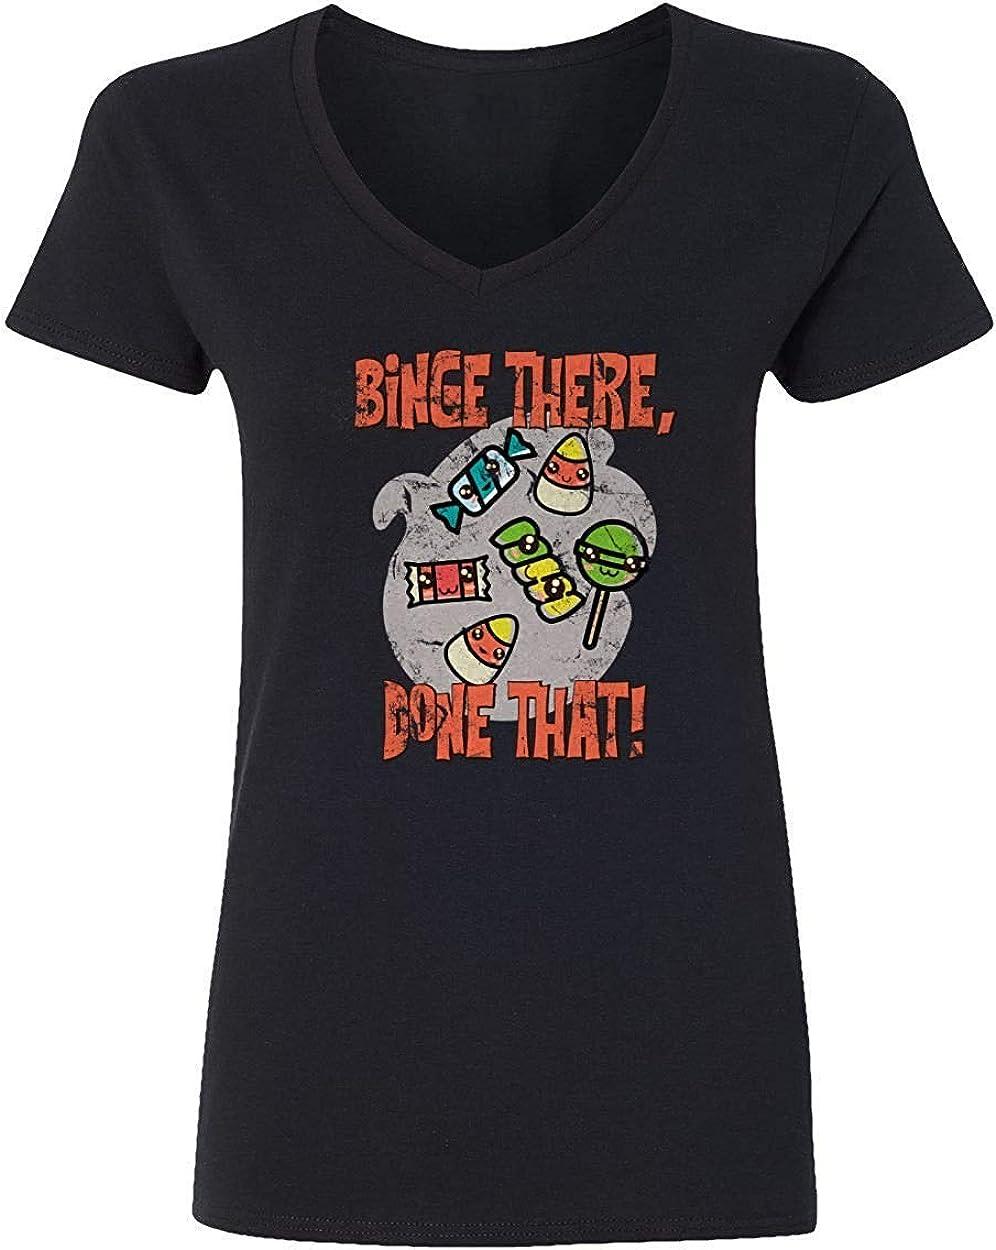 Nueva Camisa de la Novedad Que Trata la Camisa del Caramelo Que Estudia la Camiseta Vneck Divertida de Halloween del Estudio, 3XL: Amazon.es: Ropa y accesorios